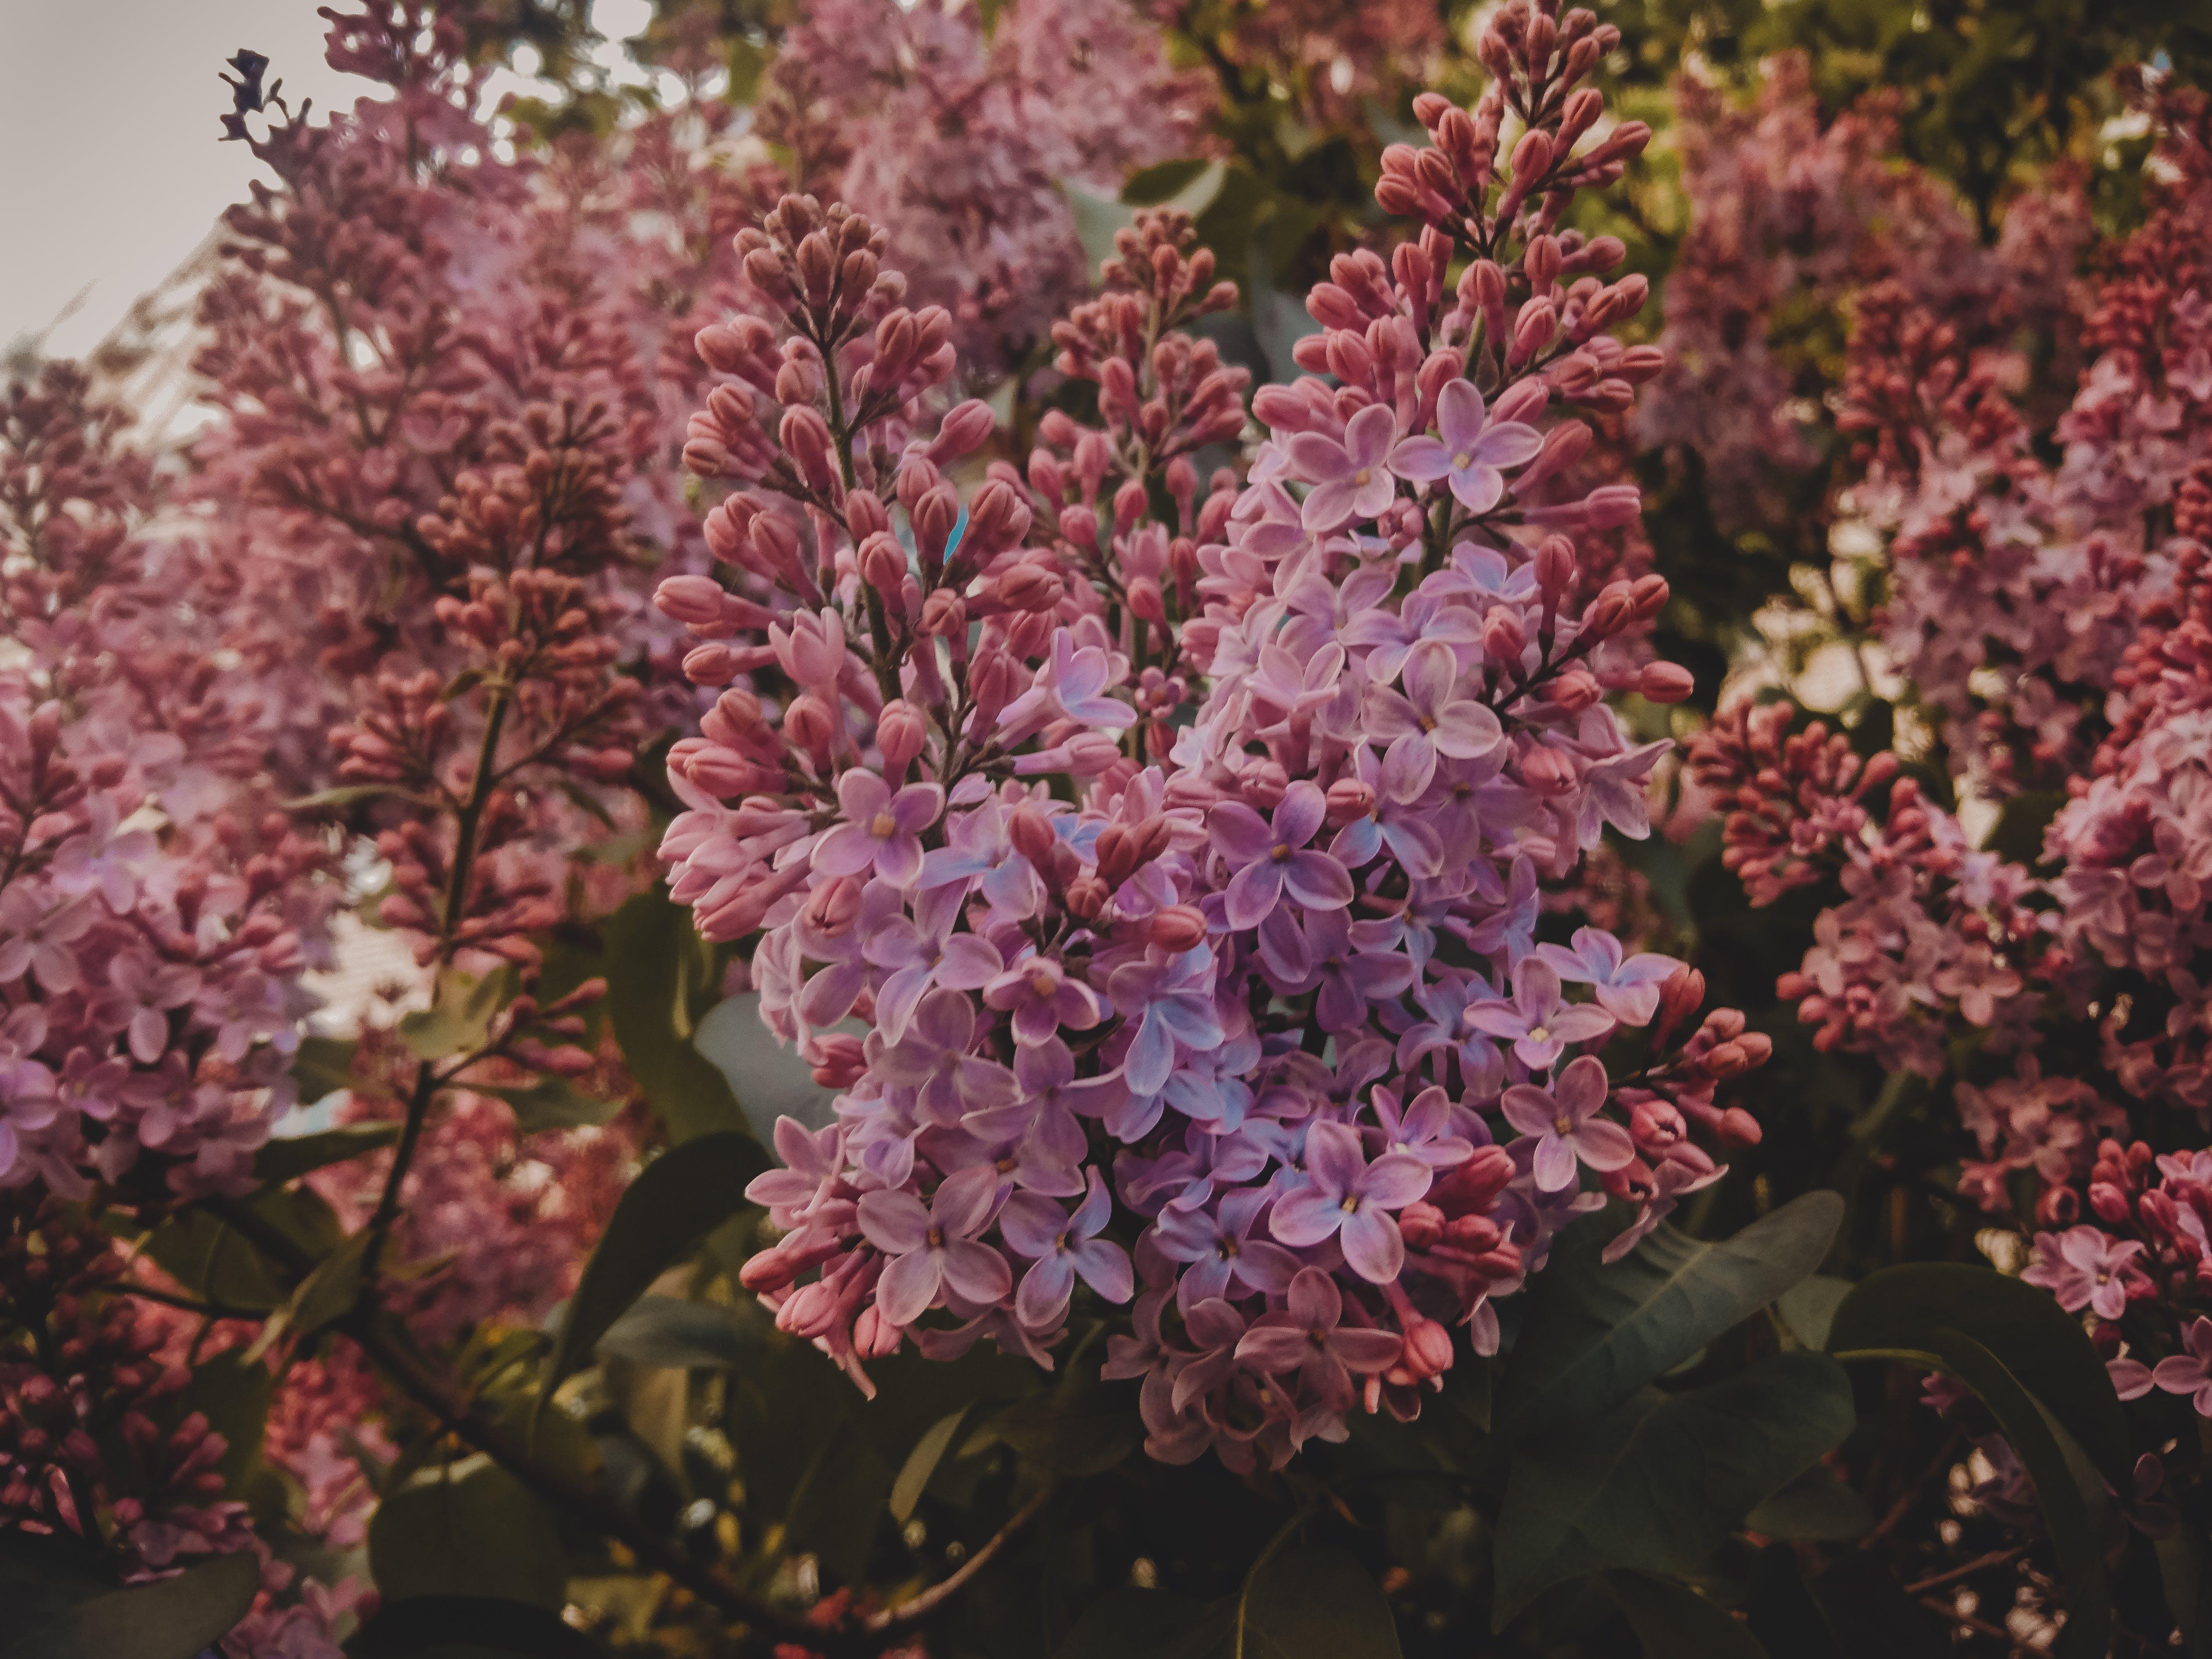 꽃, 꽃이 피는, 꽃잎, 낮의 무료 스톡 사진